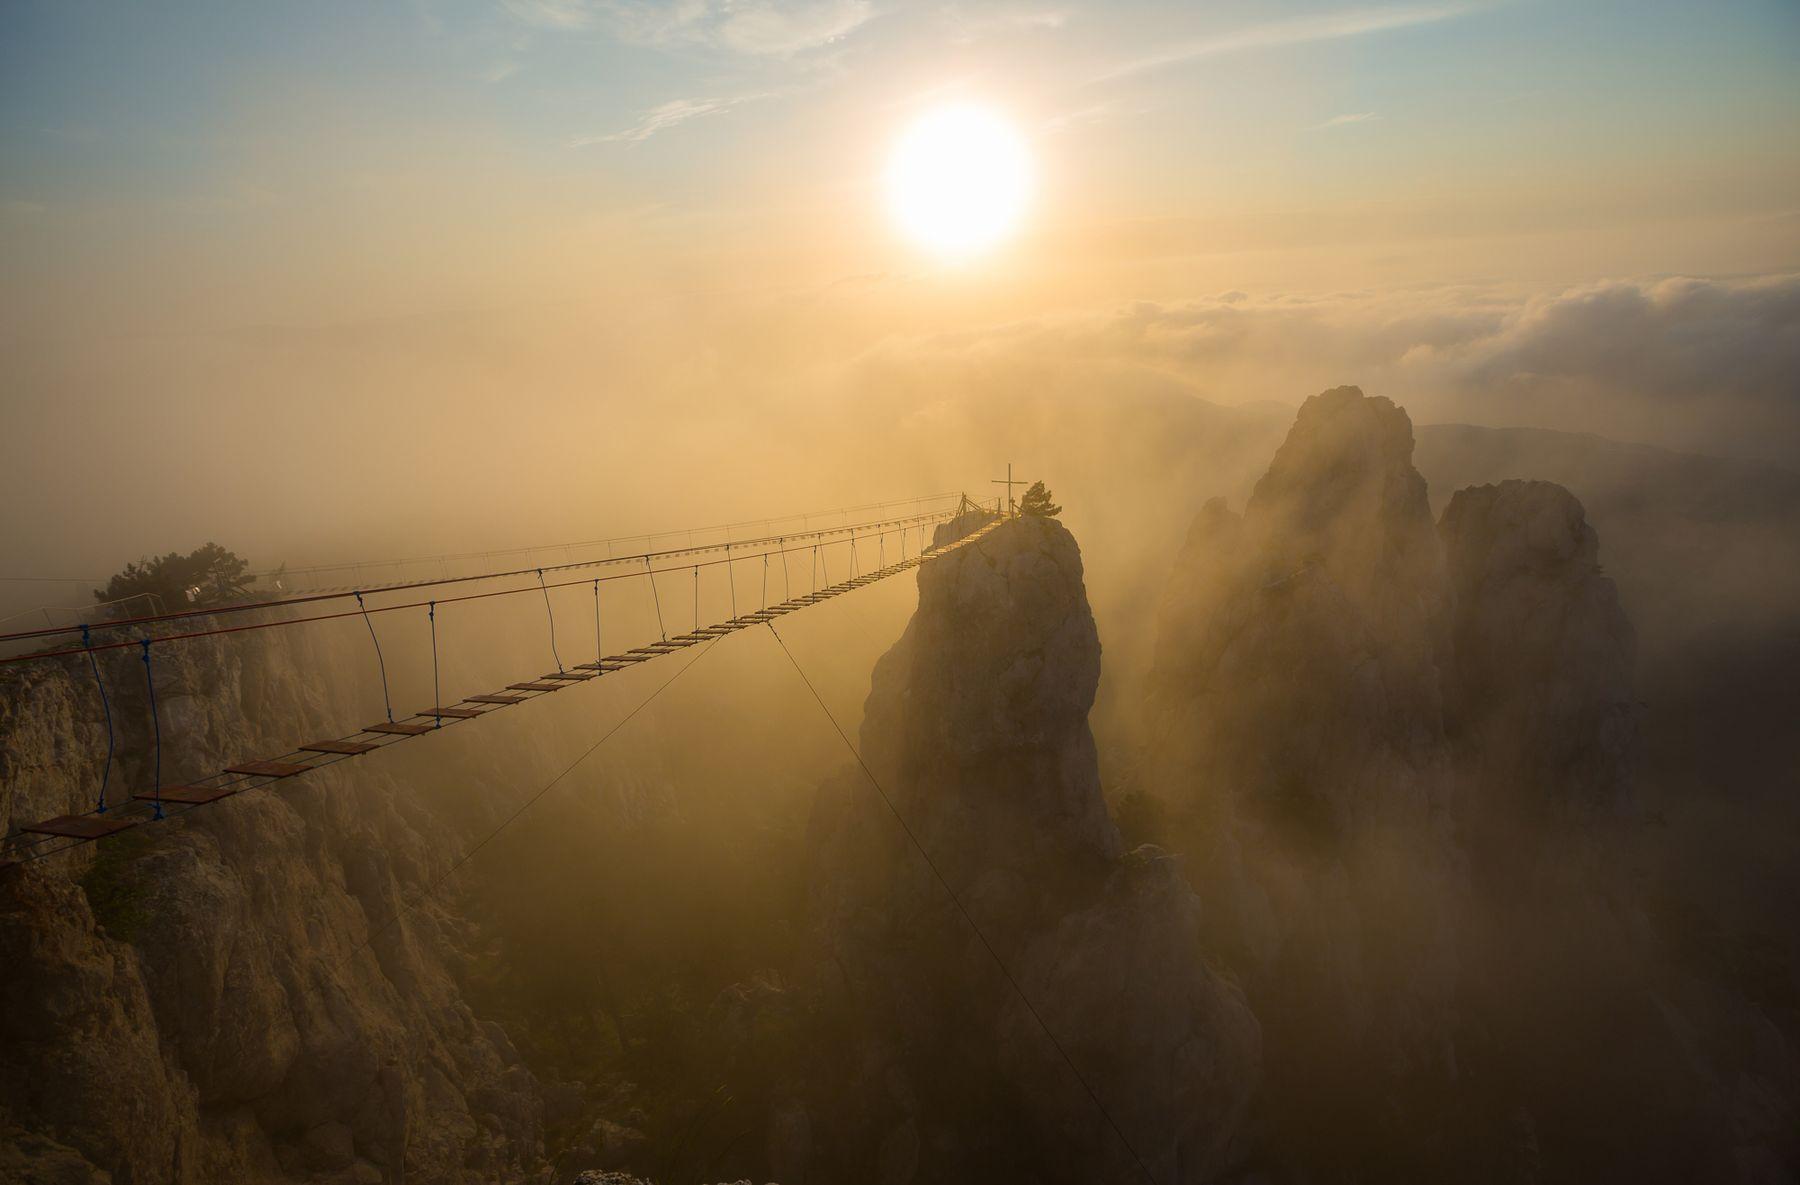 Подвесные мосты на Ай-Петри Ай-Петри Крым Ялта Зубцы Туман на Плато фотограф